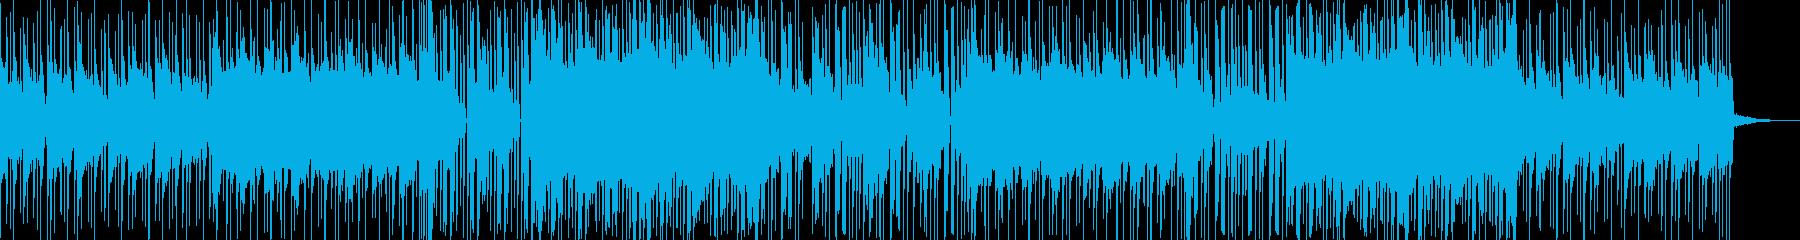 優しいメロディが一転して激しく変化する曲の再生済みの波形